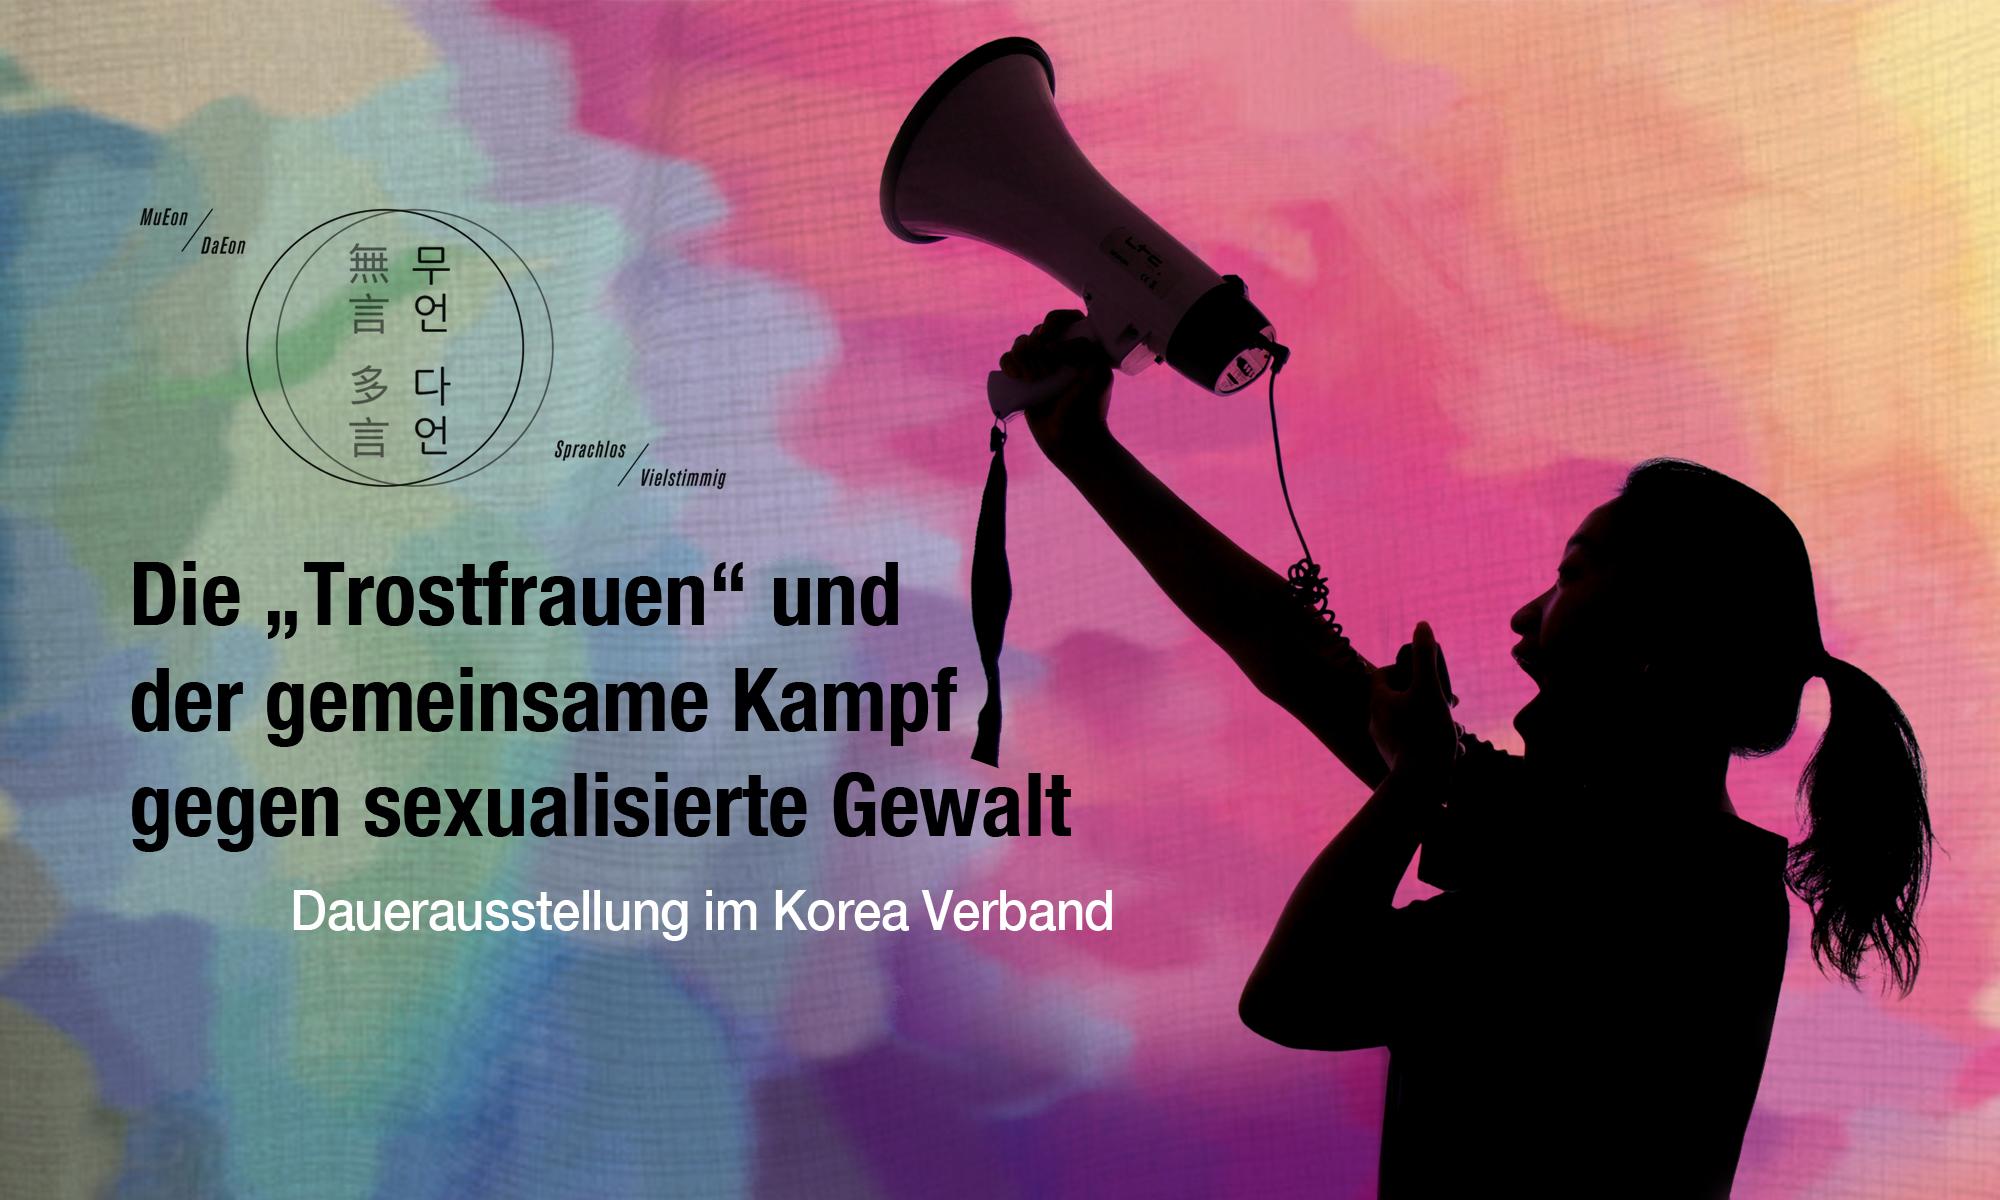 """MuEon DaEon: Die """"Trostfrauen"""" und der gemeinsame Kampf gegen sexualisierte Gewalt"""